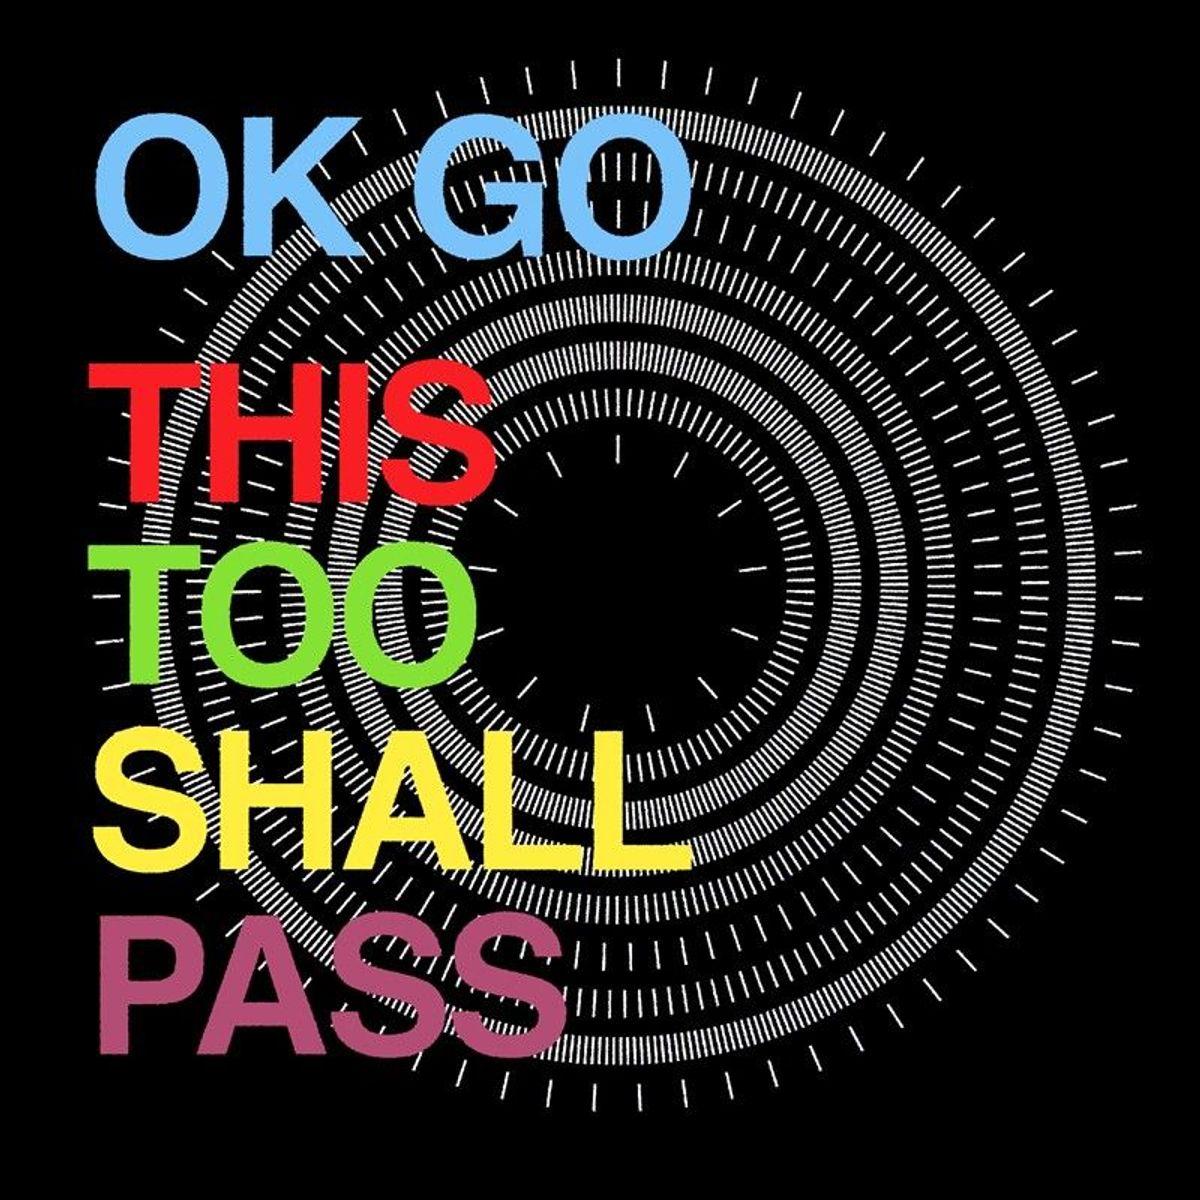 #Koperwaren - OK Go - This Too Shall Pass (2010)